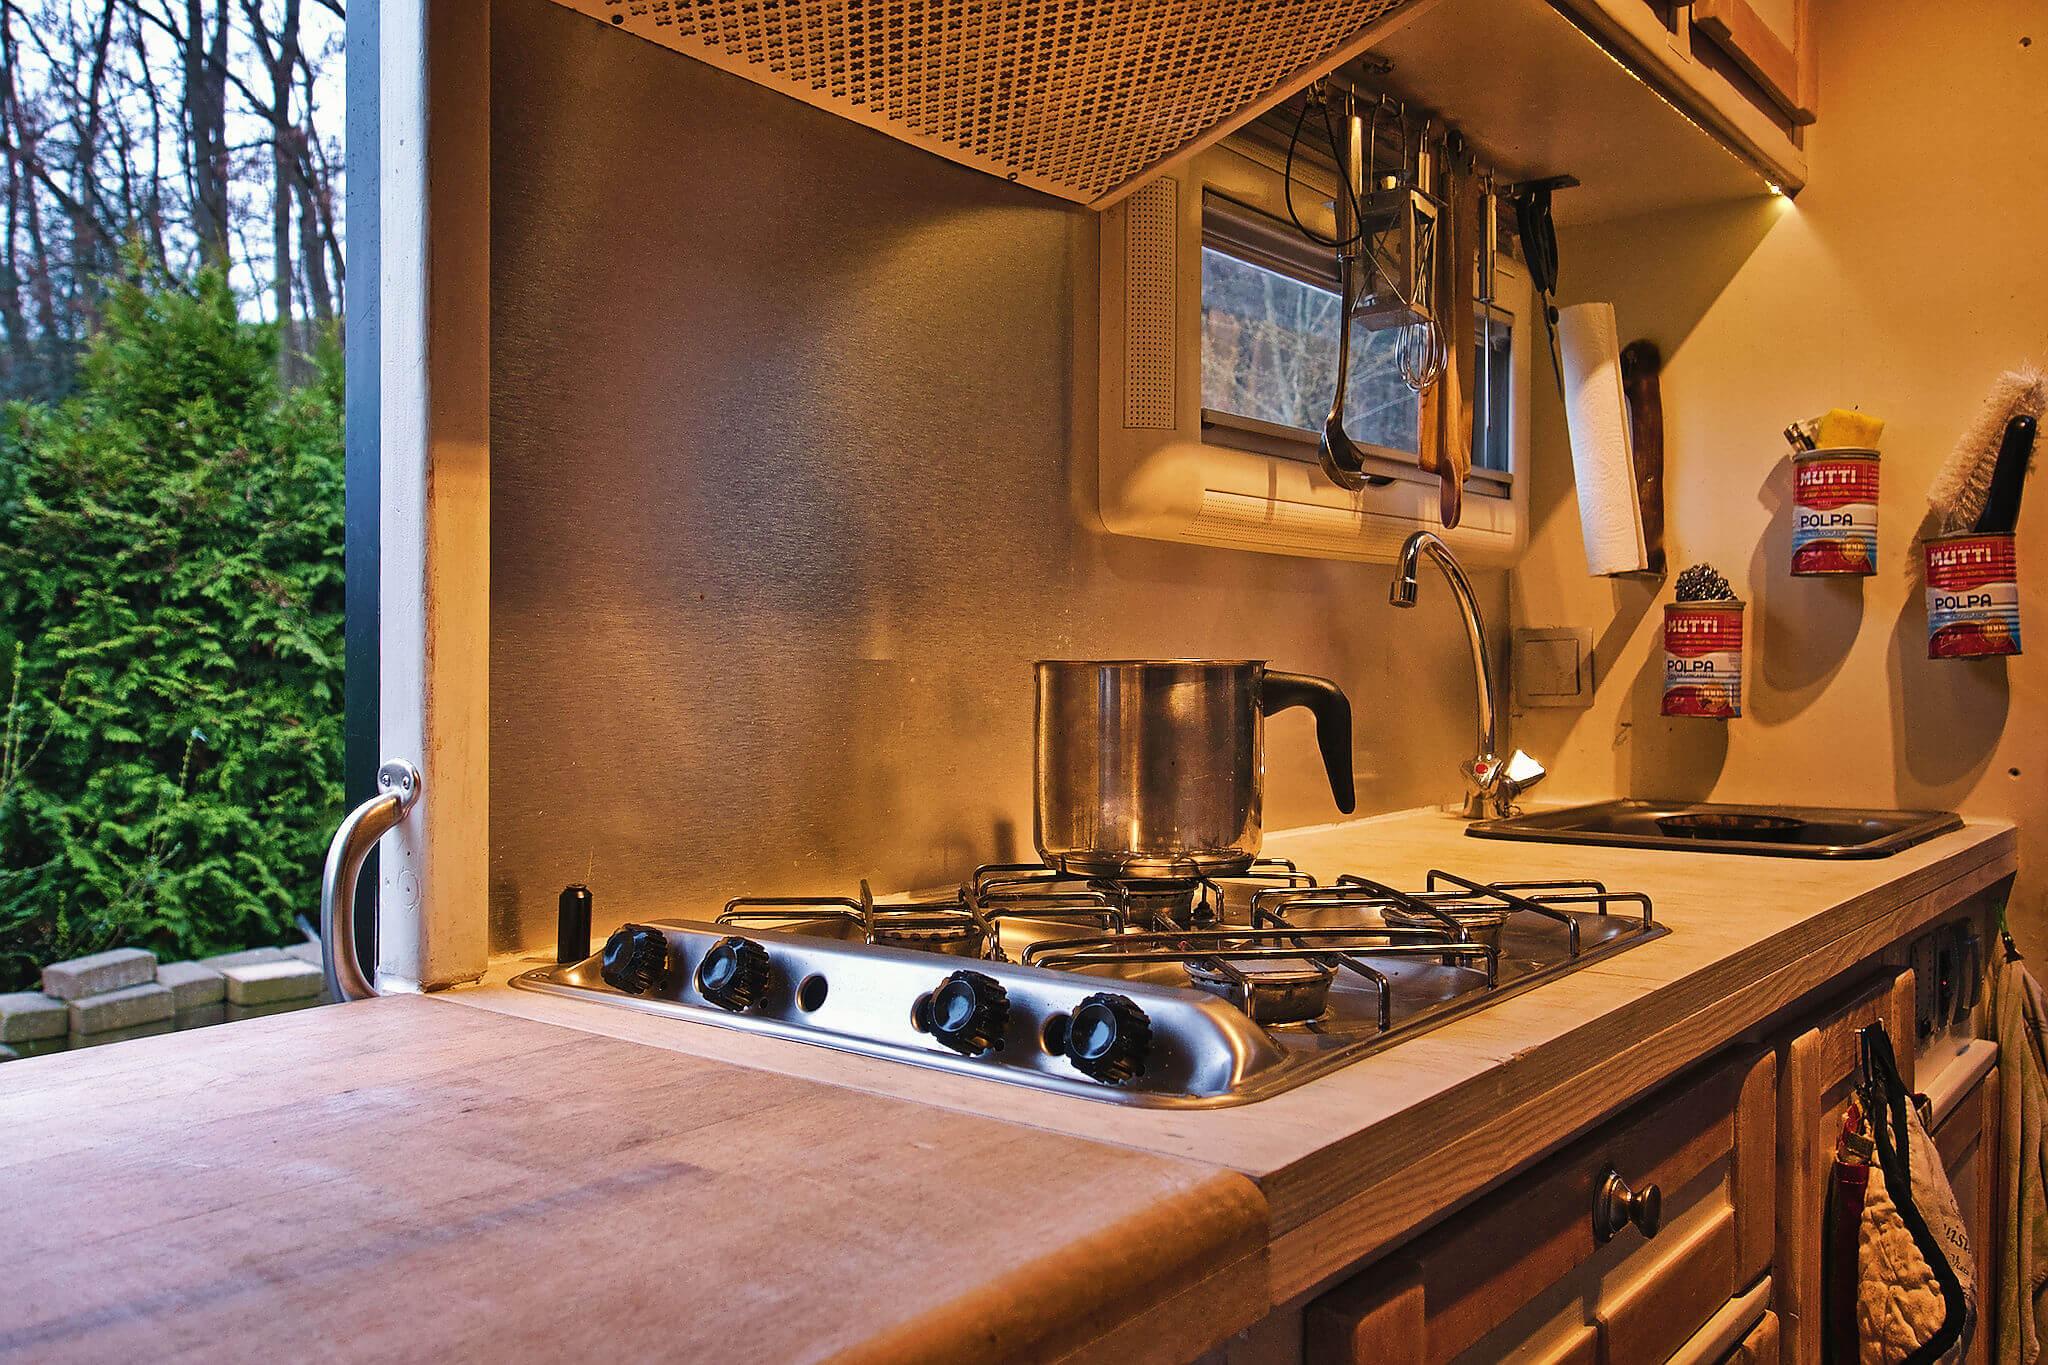 Full Size of Amerikanische Outdoor Küchen Kchenausstattung Fr Globetrotter Regal Amerikanisches Bett Küche Edelstahl Kaufen Betten Wohnzimmer Amerikanische Outdoor Küchen